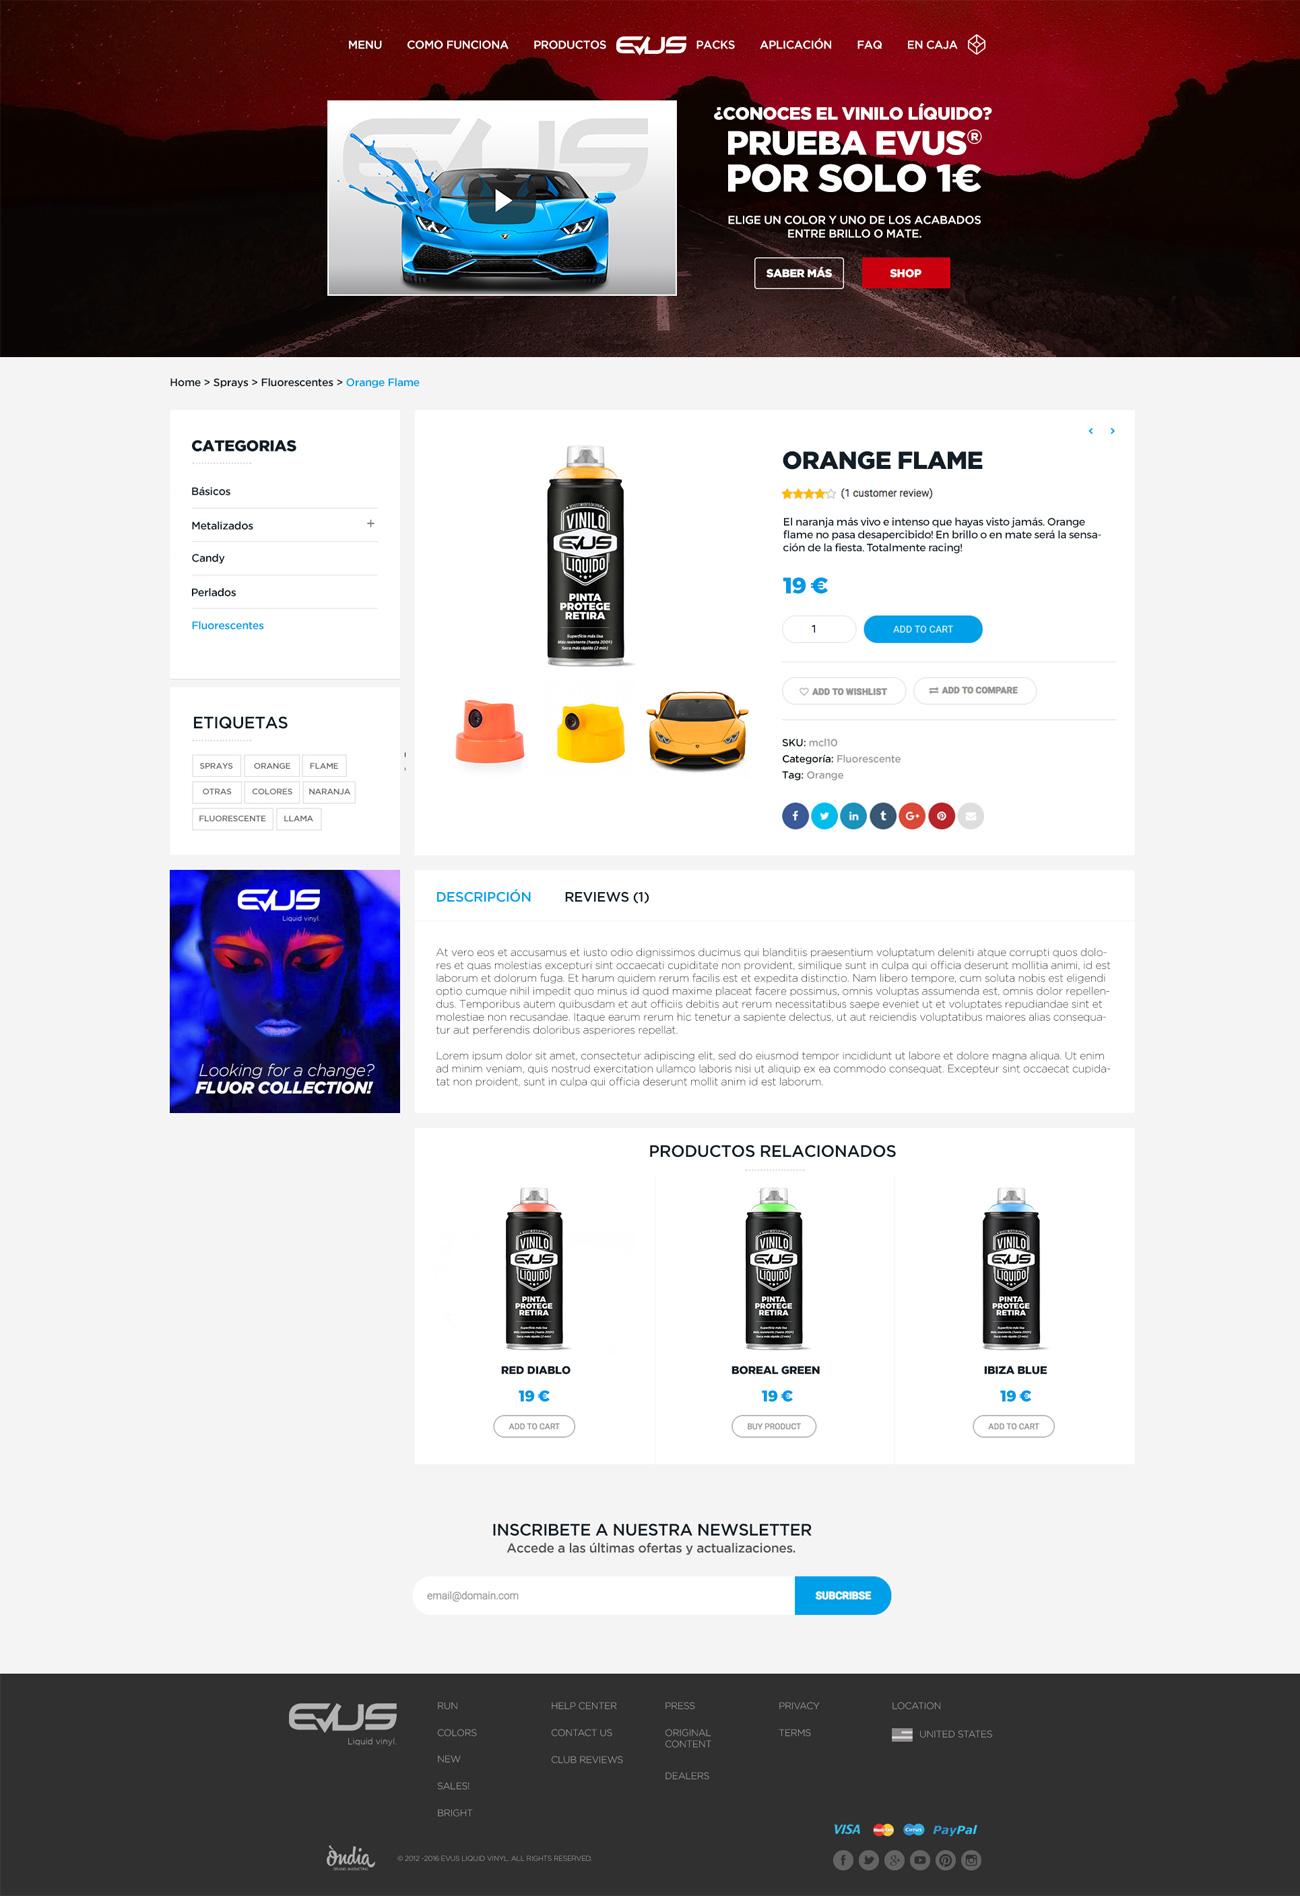 pantalla de producto con botón con banner publicitario y descripción.